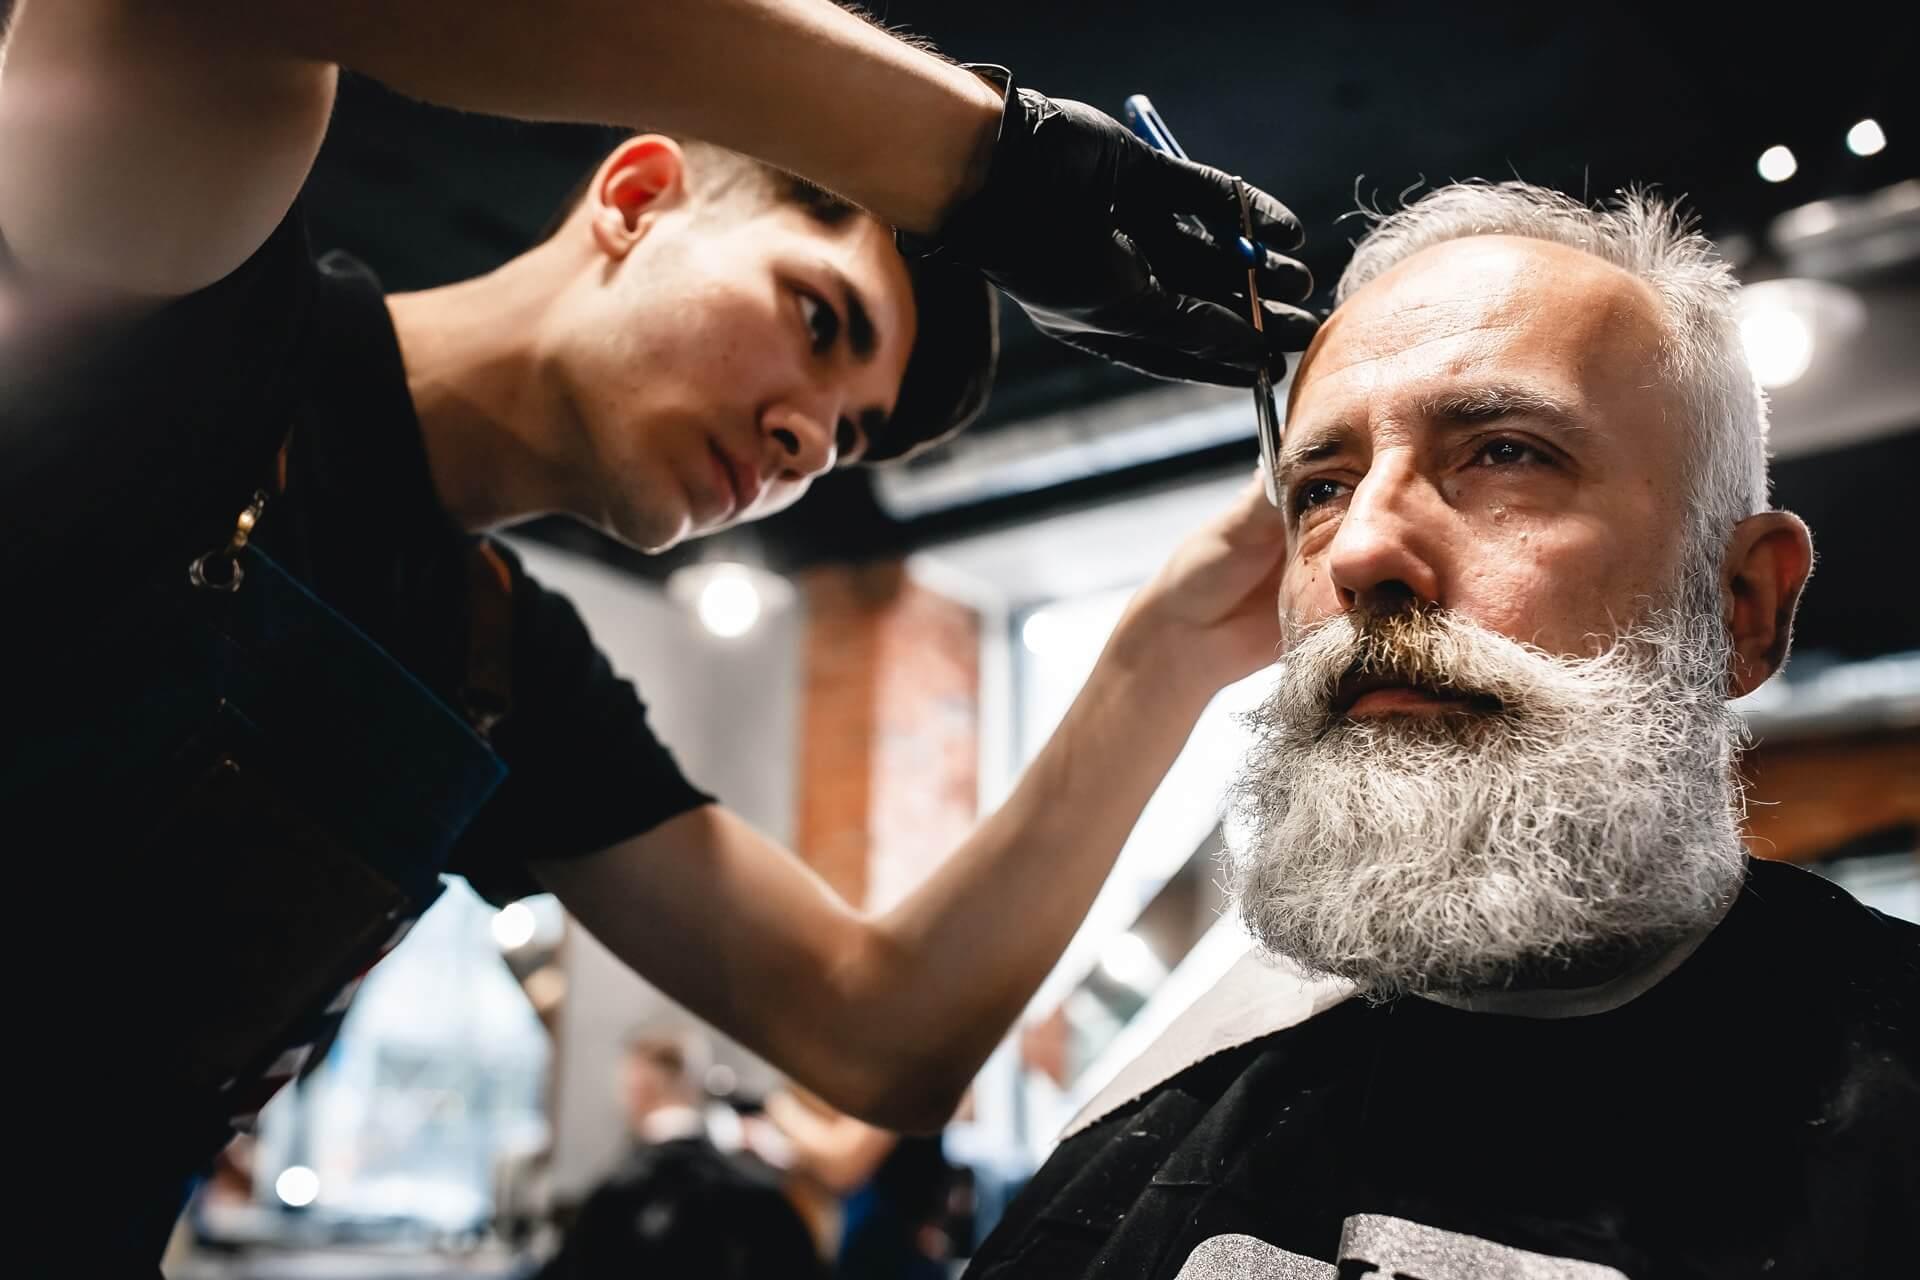 Изображение - Бизнес план барбершопа barbershop3